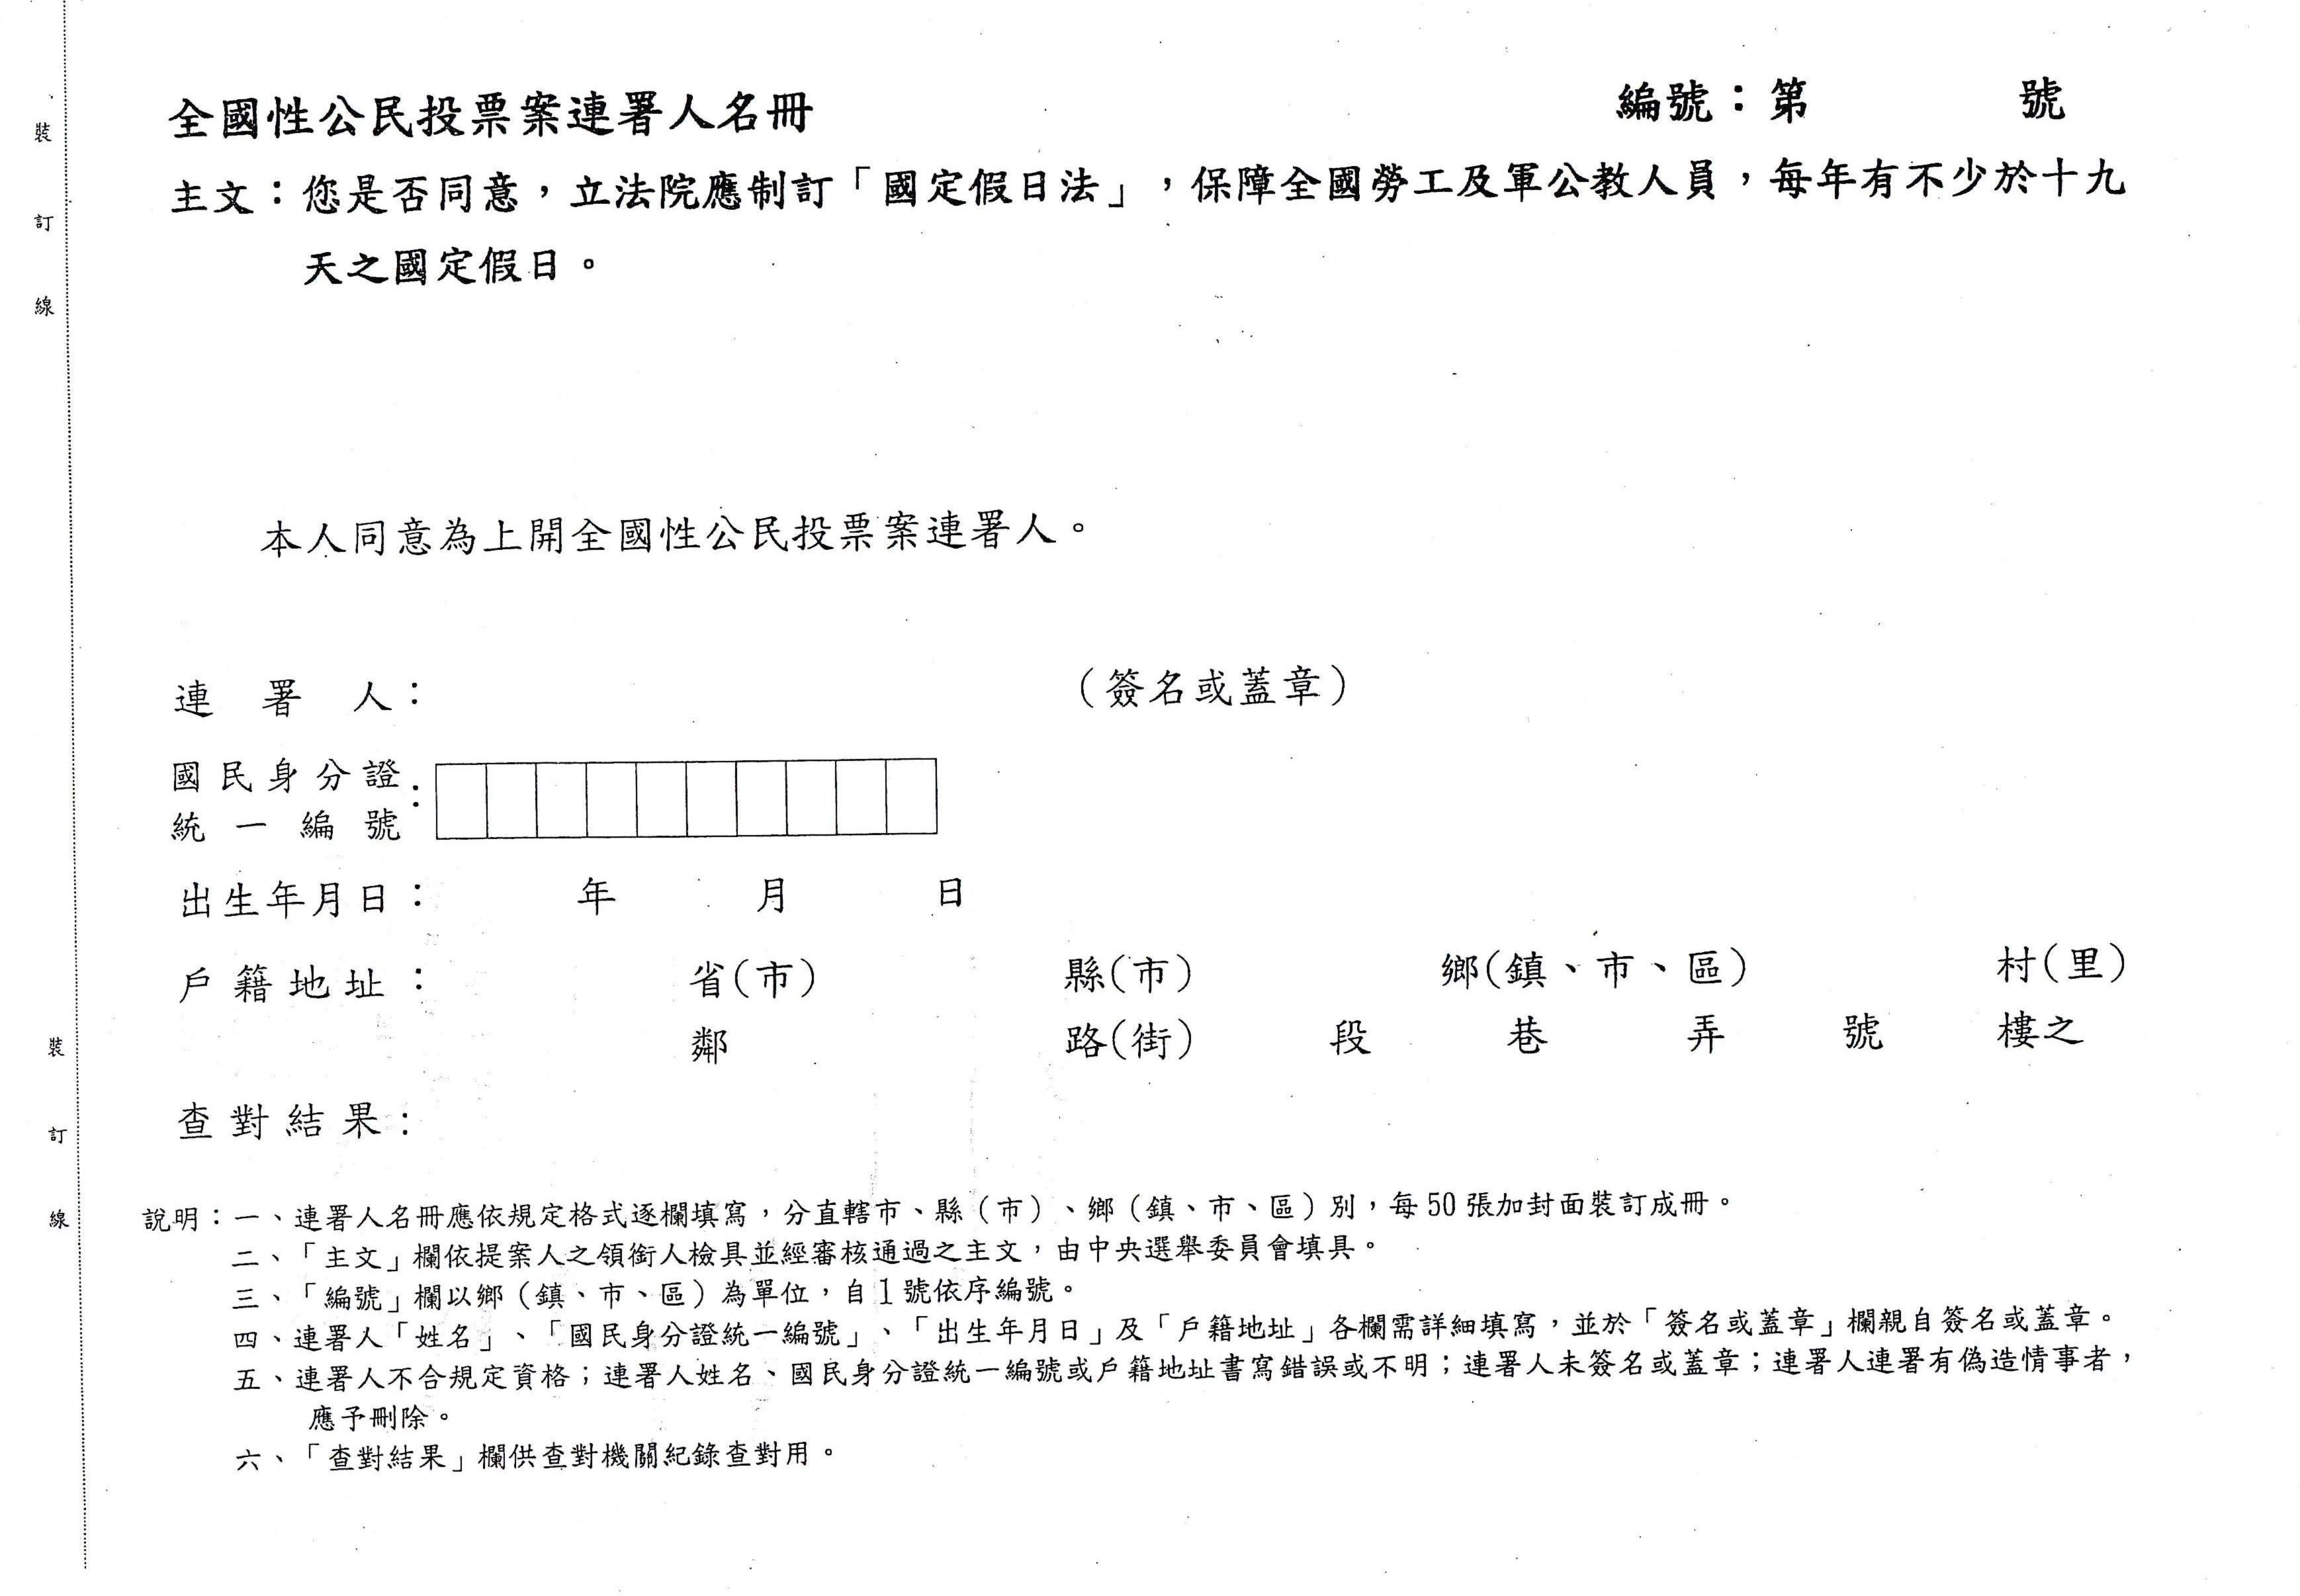 勞權公投盟(勞公盟)- 國定假日法 第2階段 連署表單